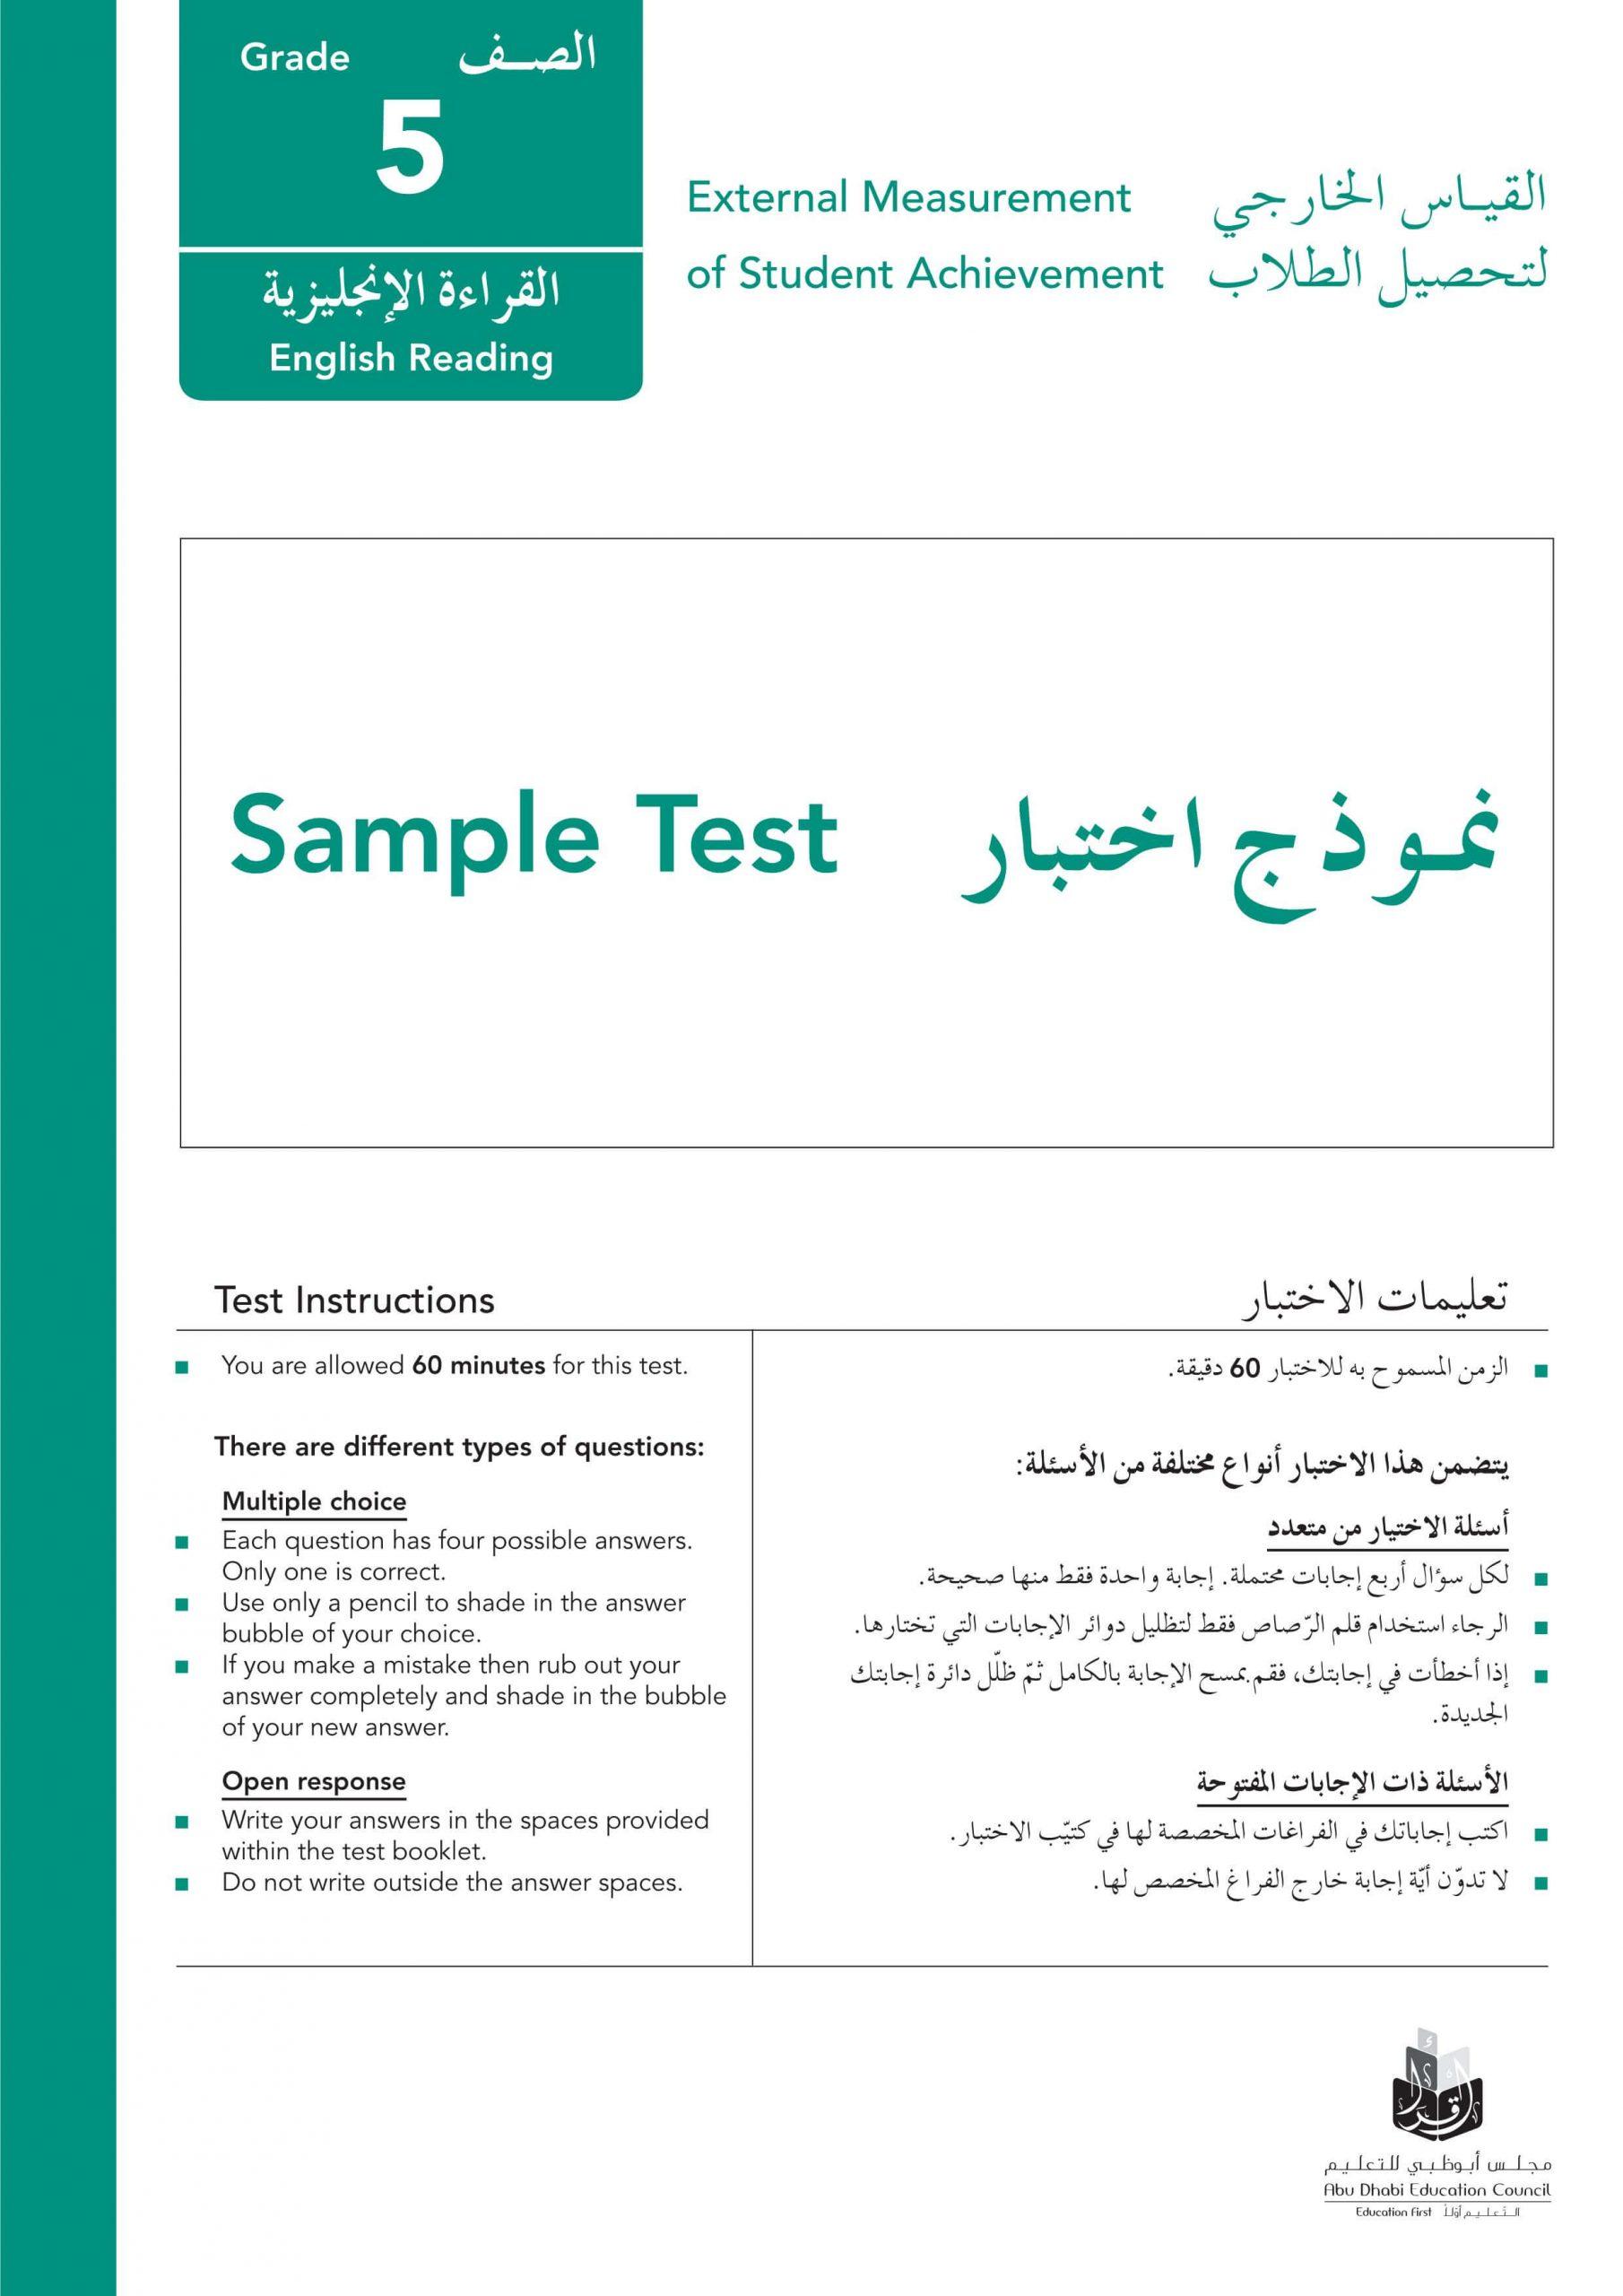 اوراق عمل نموذج امتحان قراءة الصف الخامس مادة اللغة الانجليزية